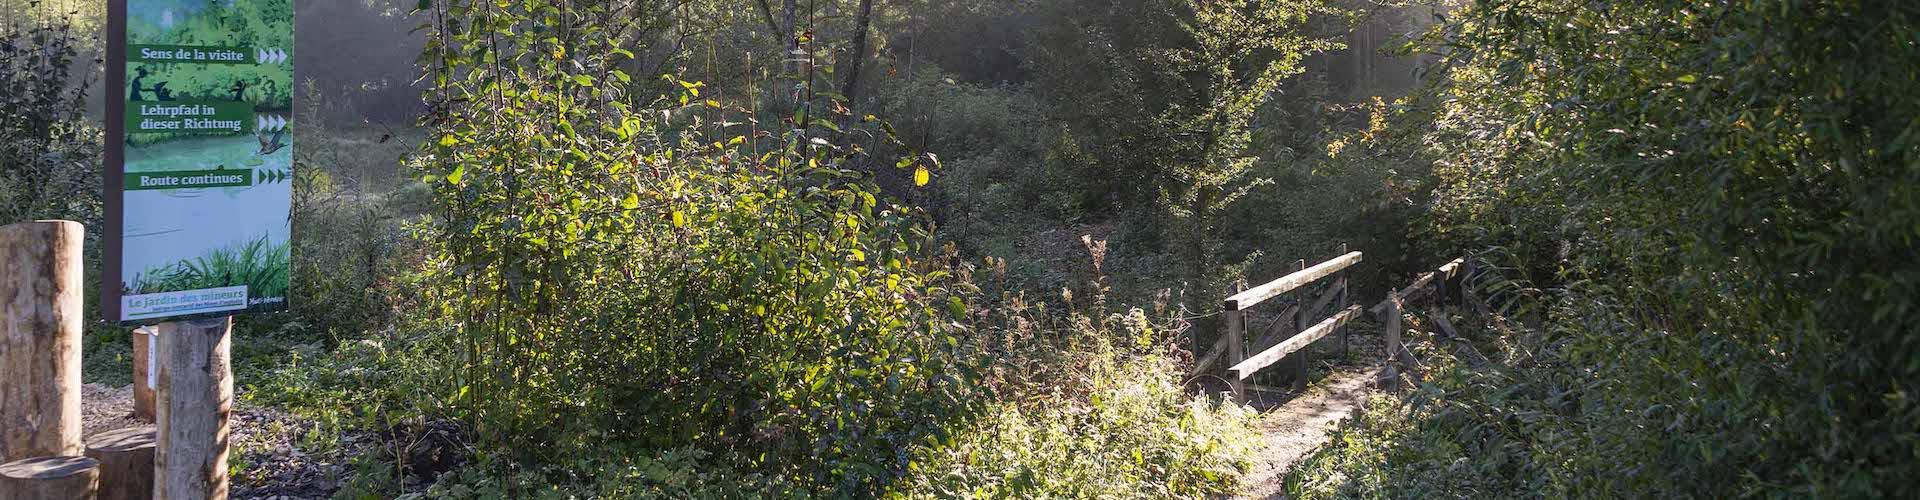 Der Garten der Minenarbeiter, Asphaltminen von La Presta, Val-de-Travers